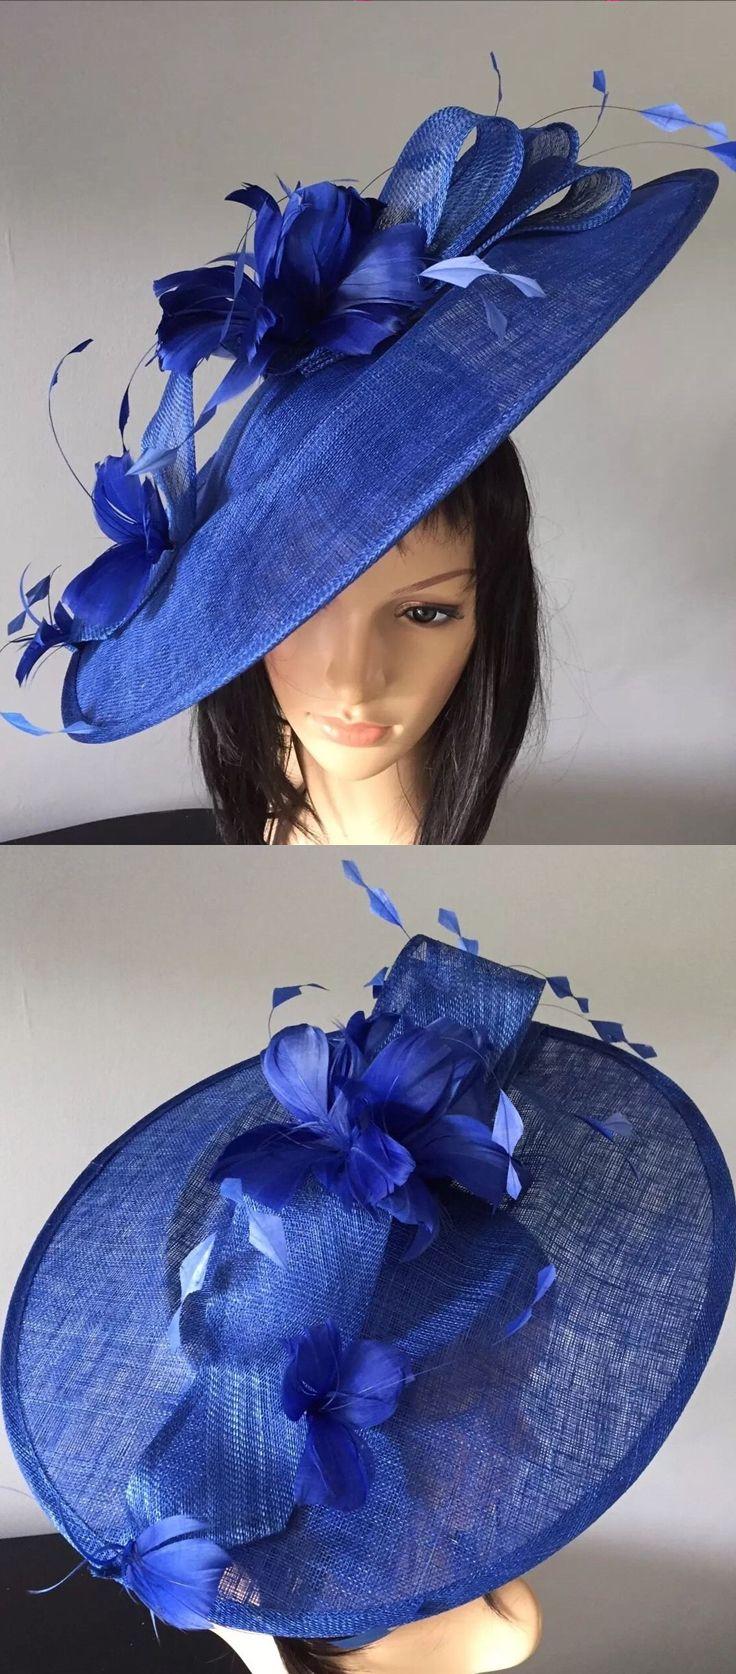 5a3db177930 Peter Bettley Royal Blue Large Feathered Saucer Slice Designer Hat  Fascinator Hatinator